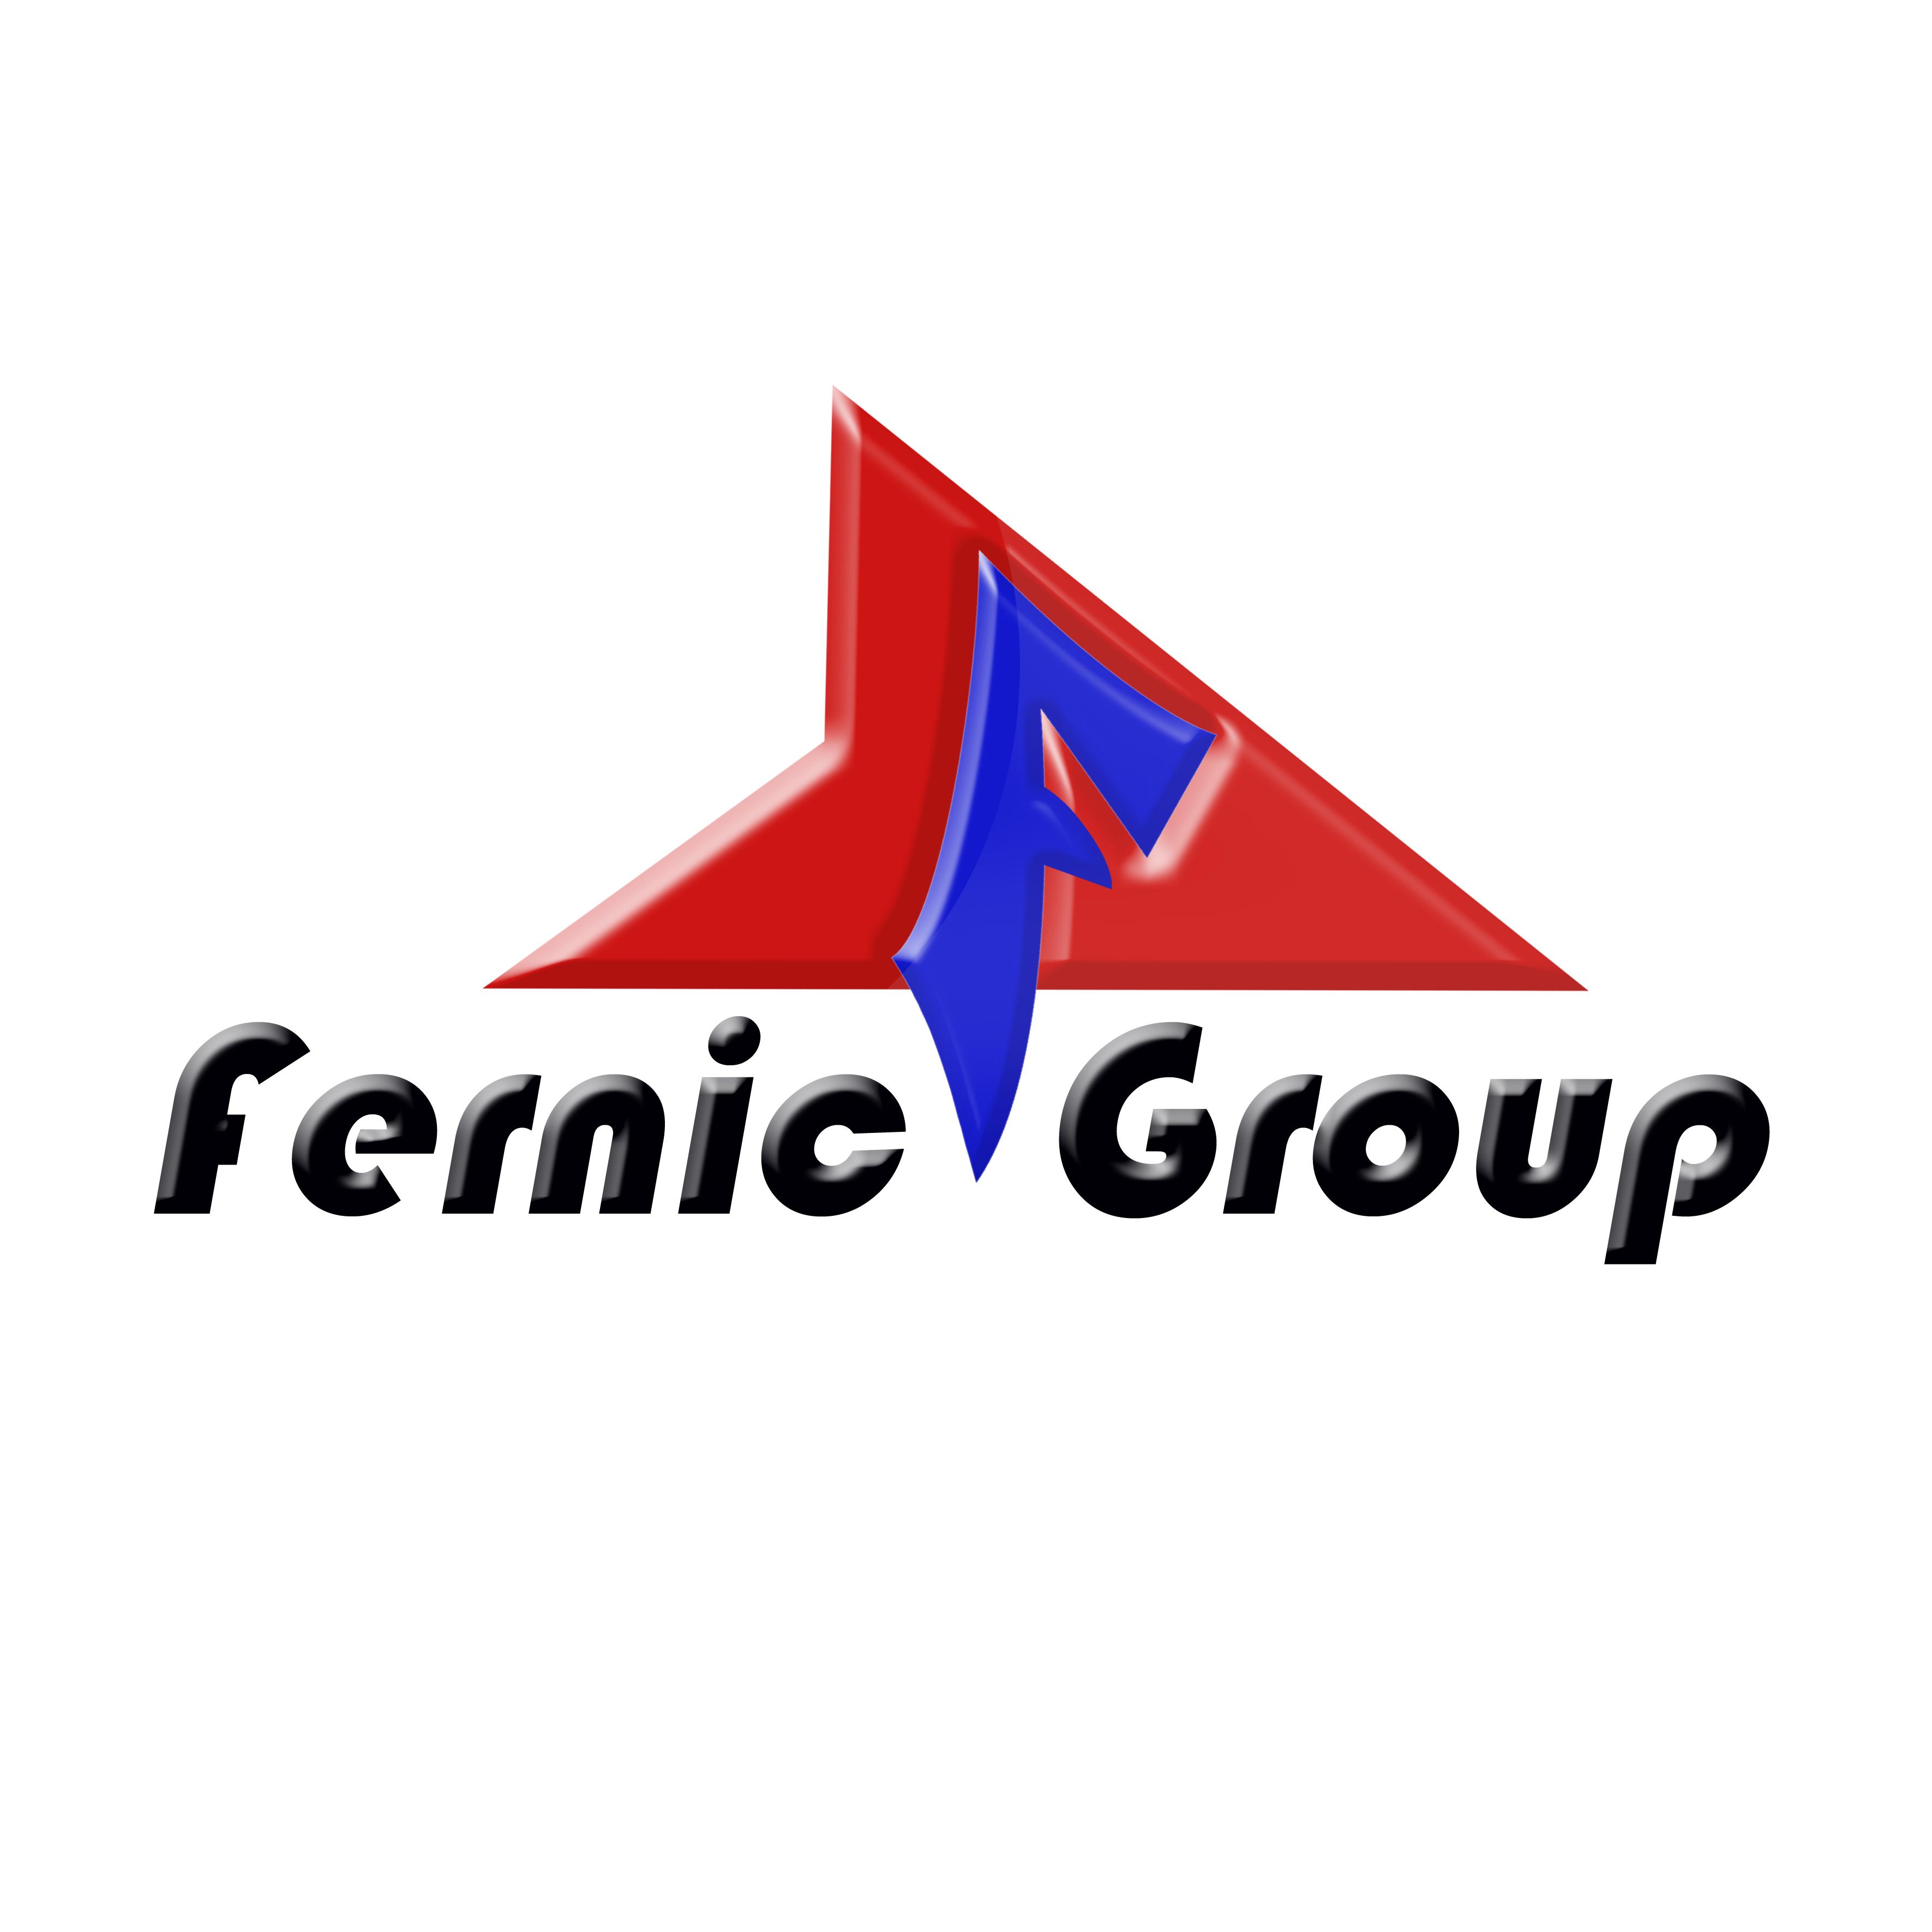 Logo Design by Roberto Sibbaluca - Entry No. 23 in the Logo Design Contest Artistic Logo Design for Fernic Goup.